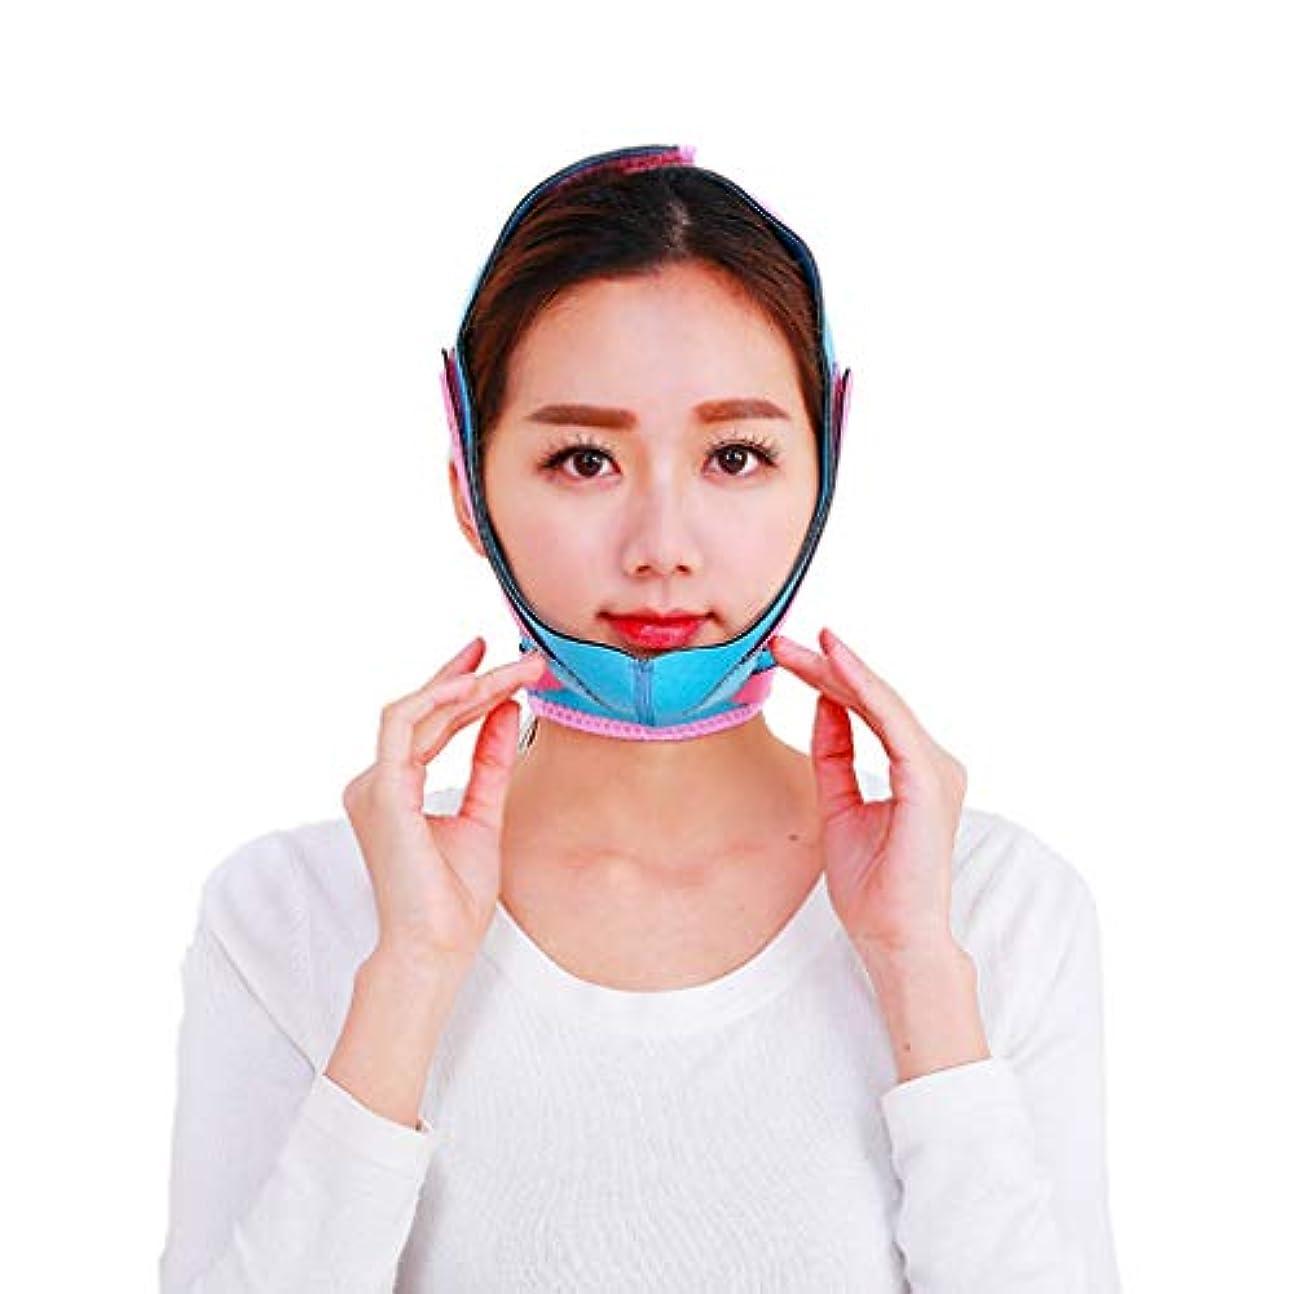 ゴミ箱つかいますパースブラックボロウ顔-リフティングマスクは、たるみの筋肉や引き締まった肌の弾力性を和らげるために輪郭を強化する V フェイス包帯